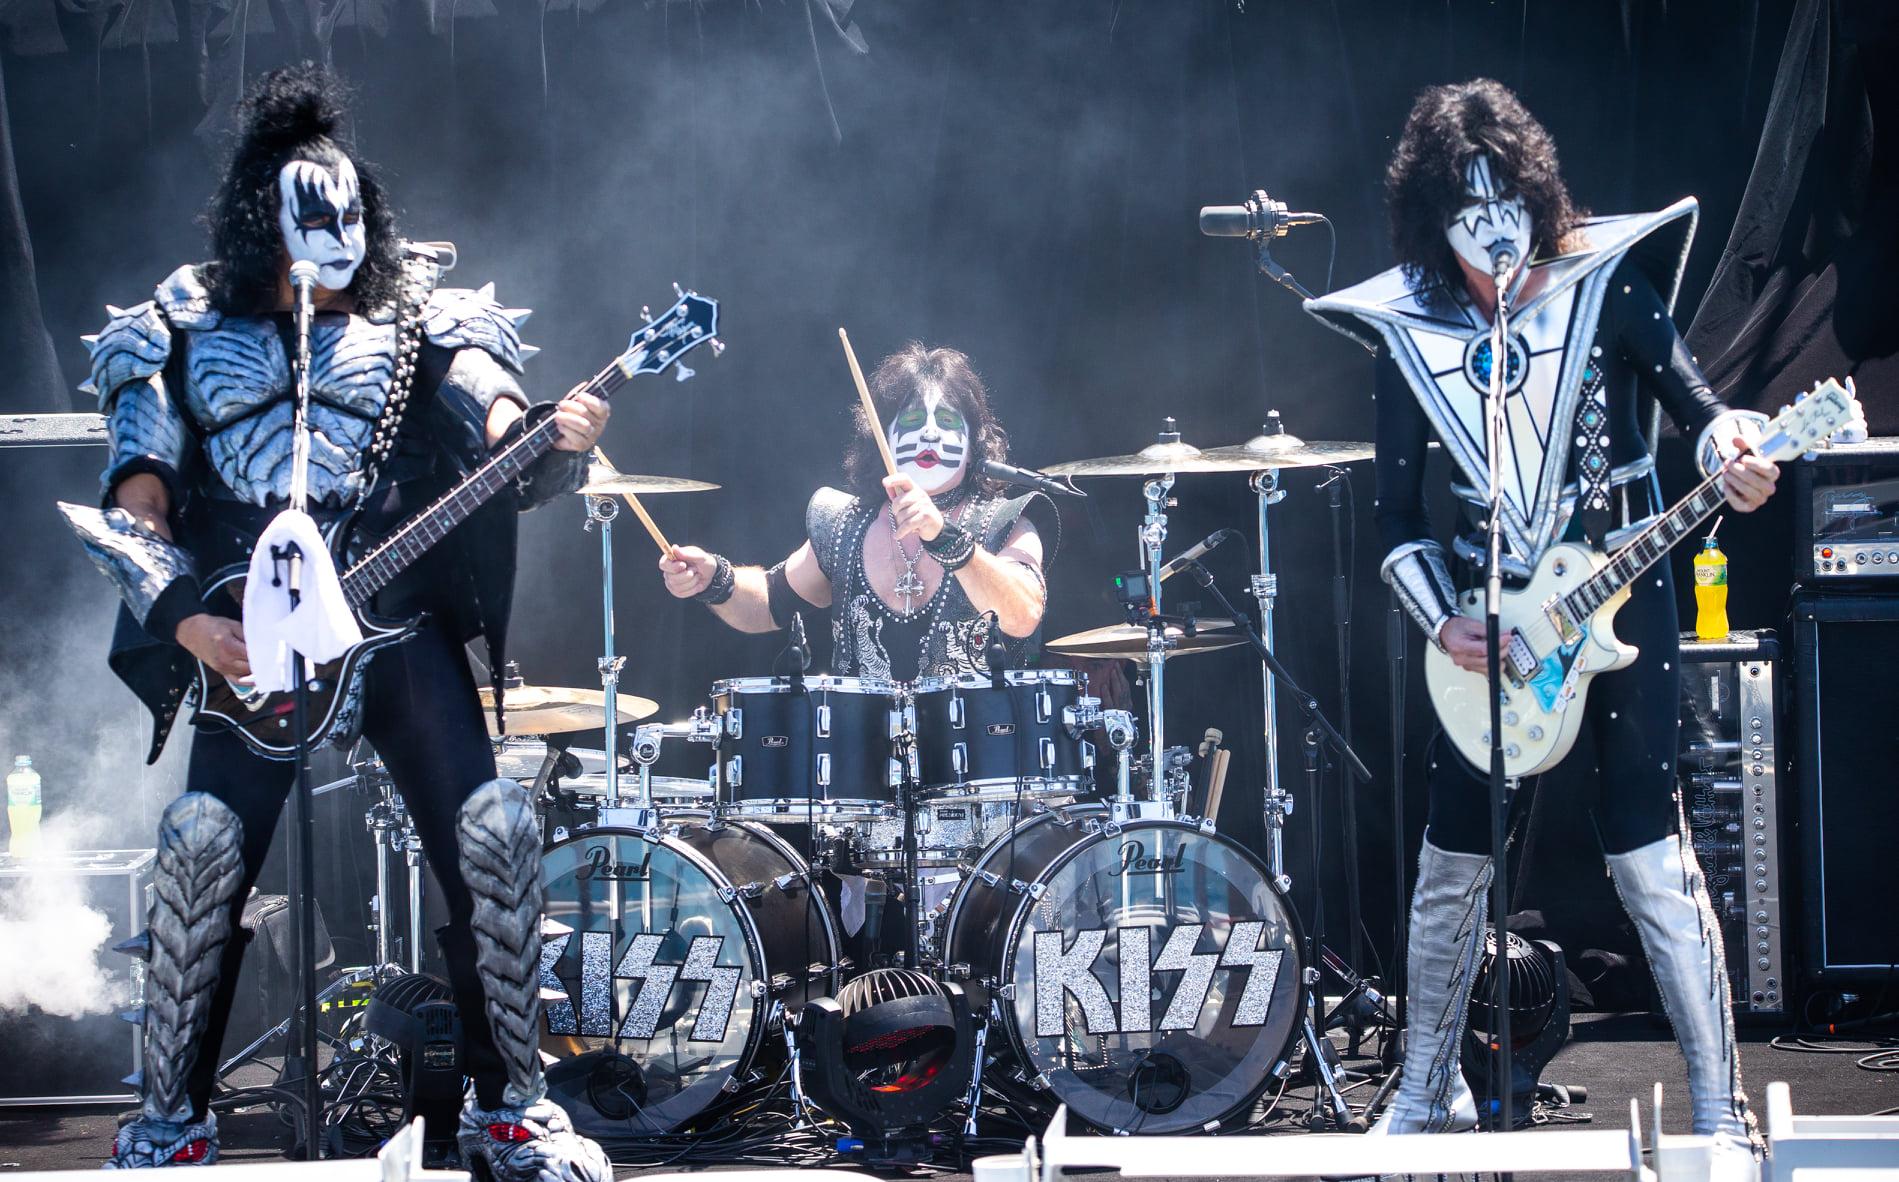 Группа Kiss выступила с концертом для белых акул.Вокруг Света. Украина